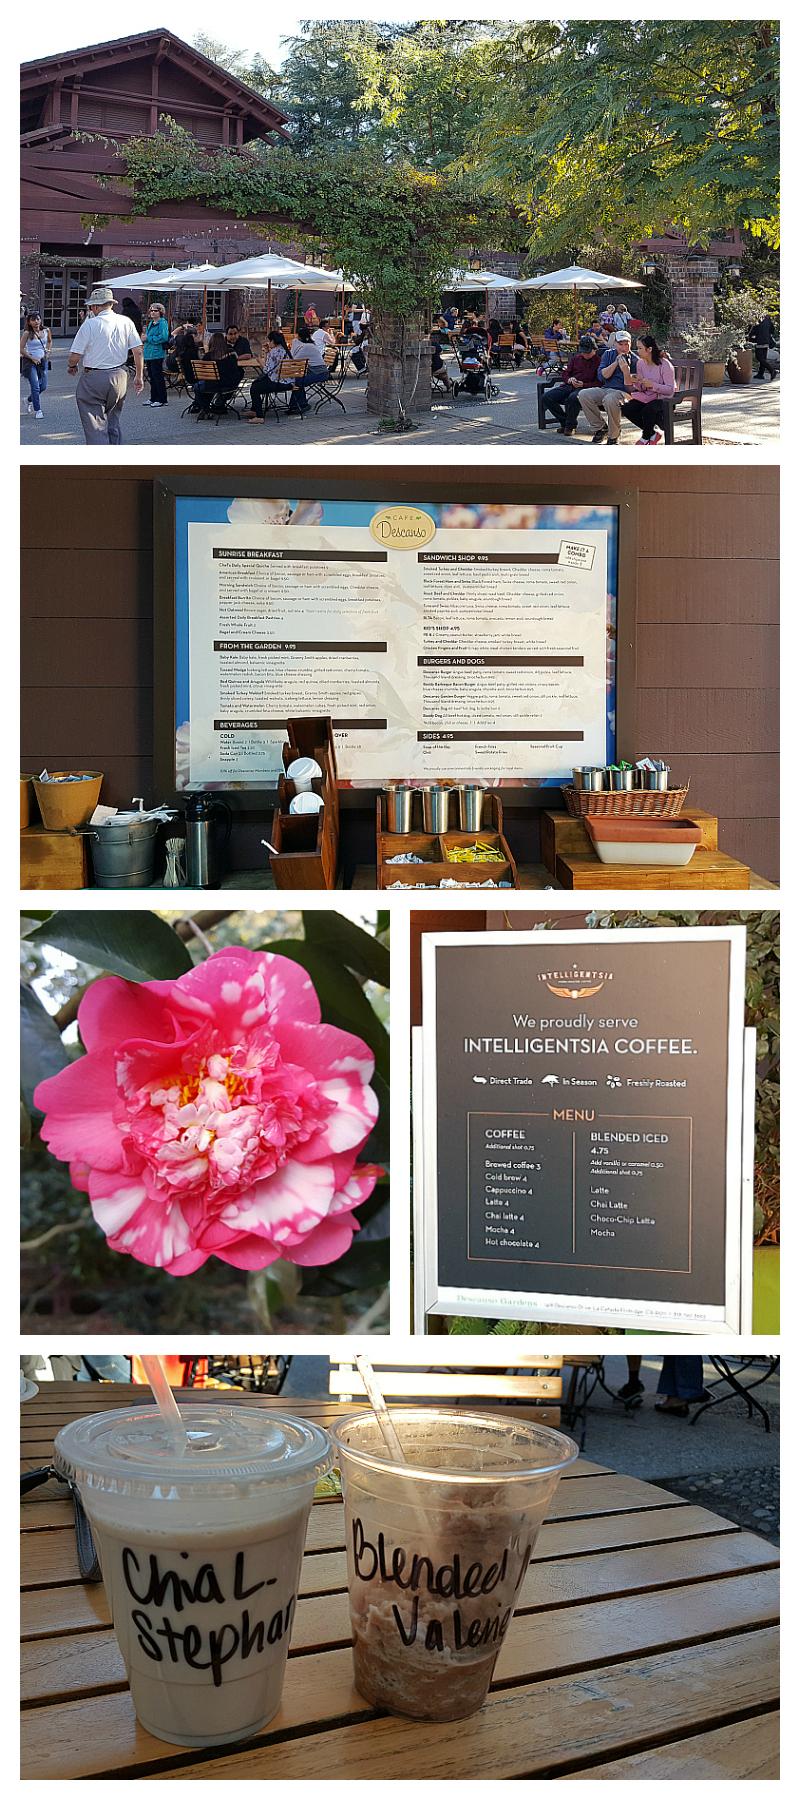 Descanso Cafe at Descanso Gardens - Pasadena, California